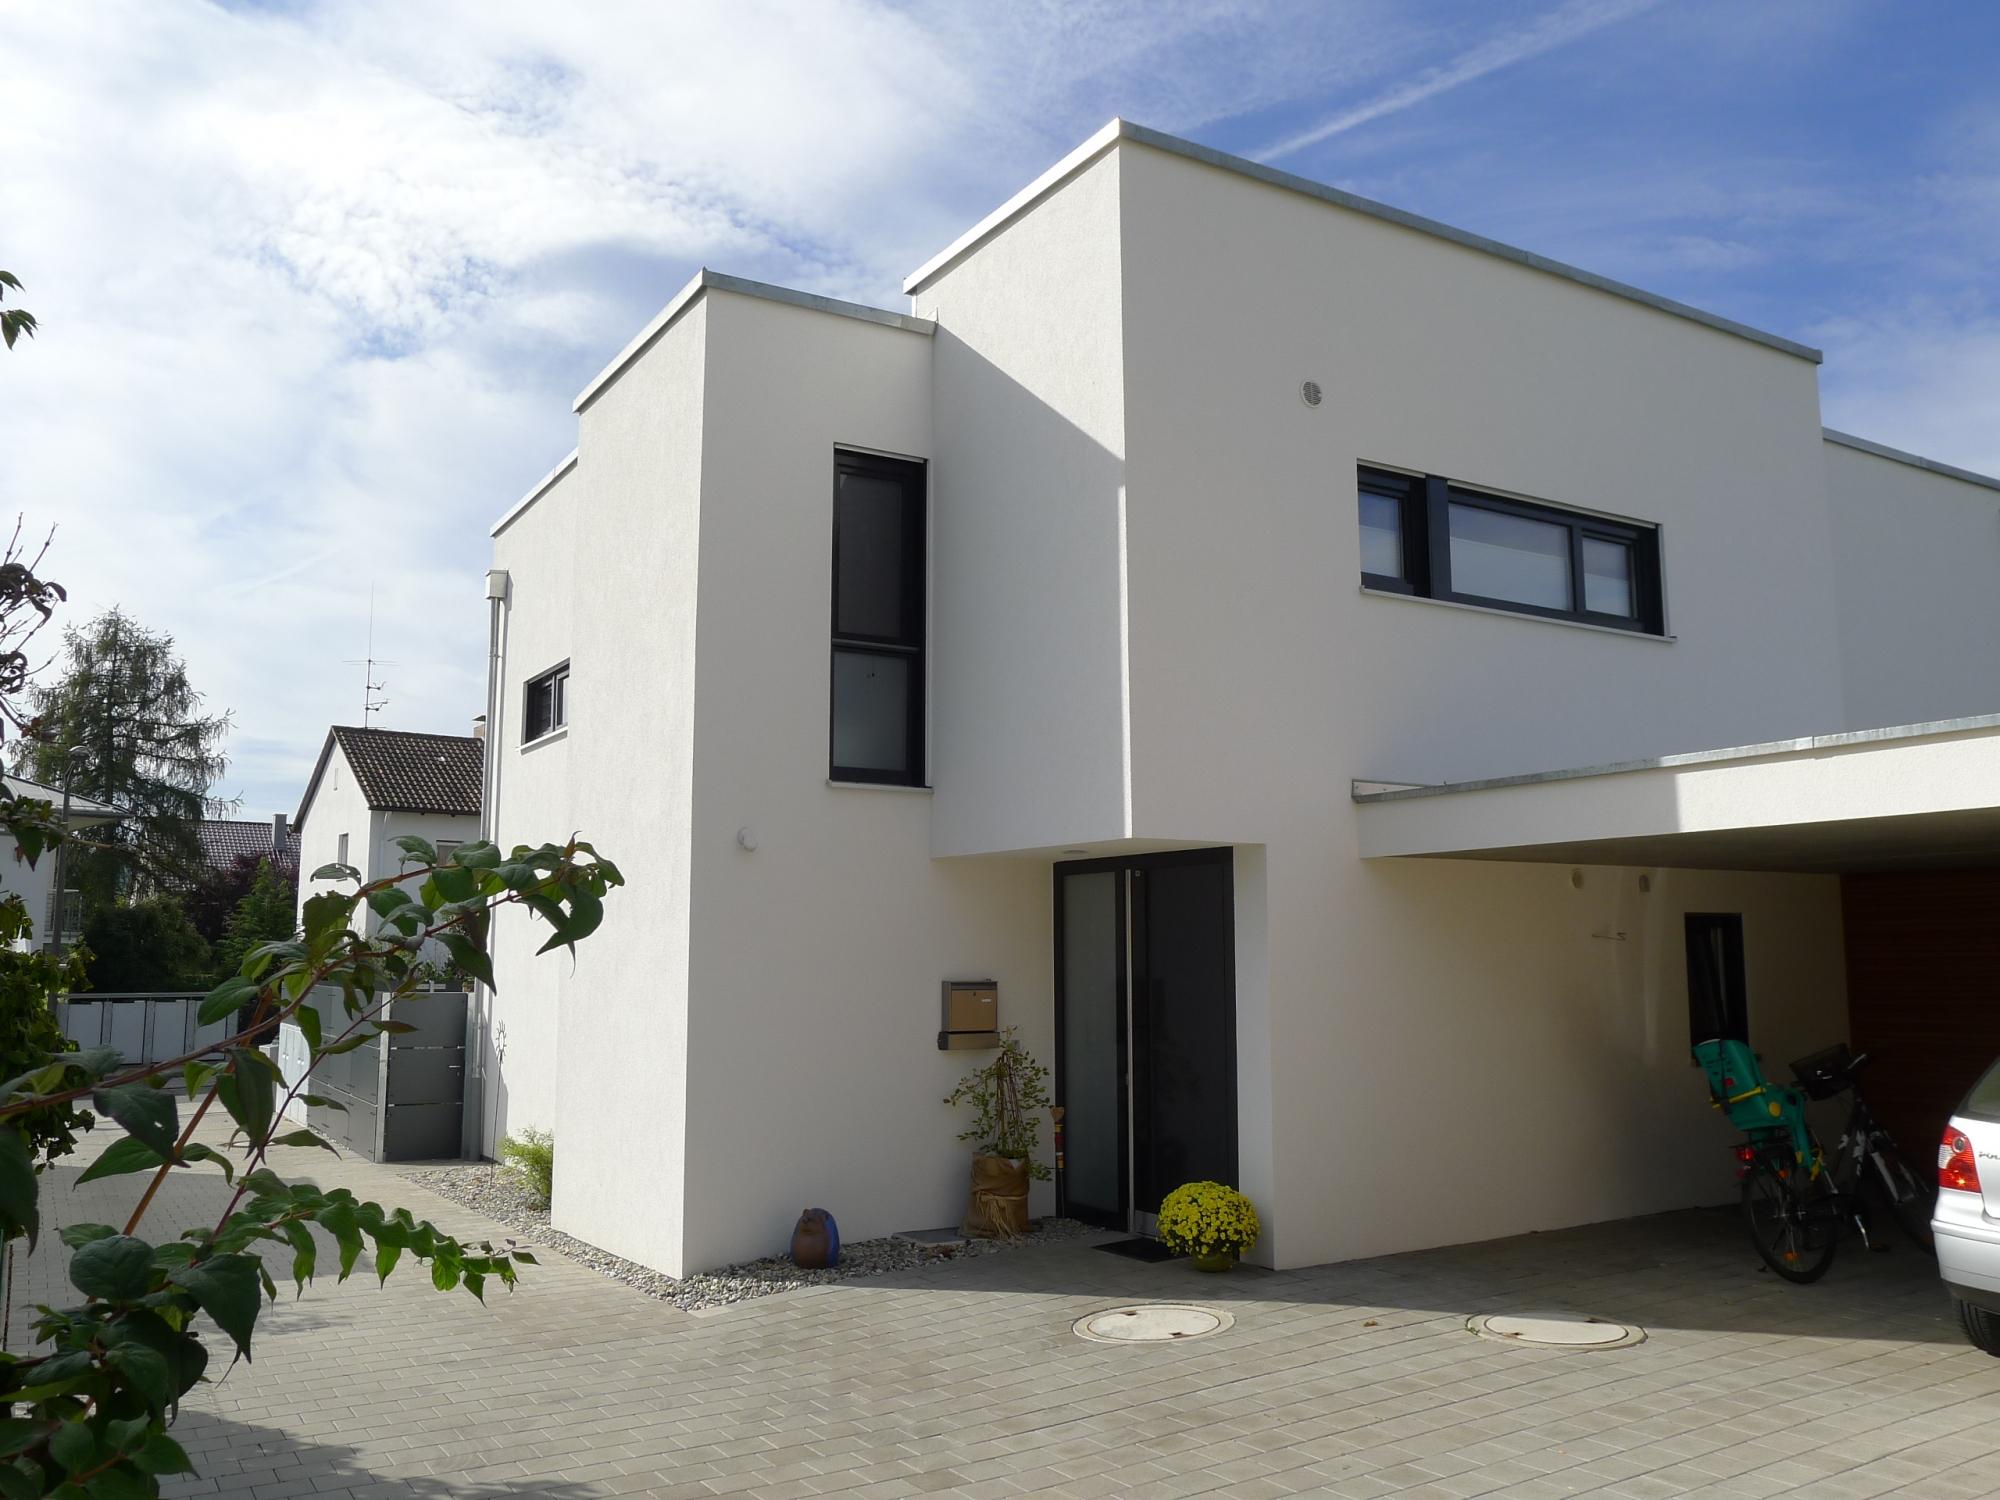 DEV: Einfamilienhaus mit moderner Architektur | Zapf Daigfuss